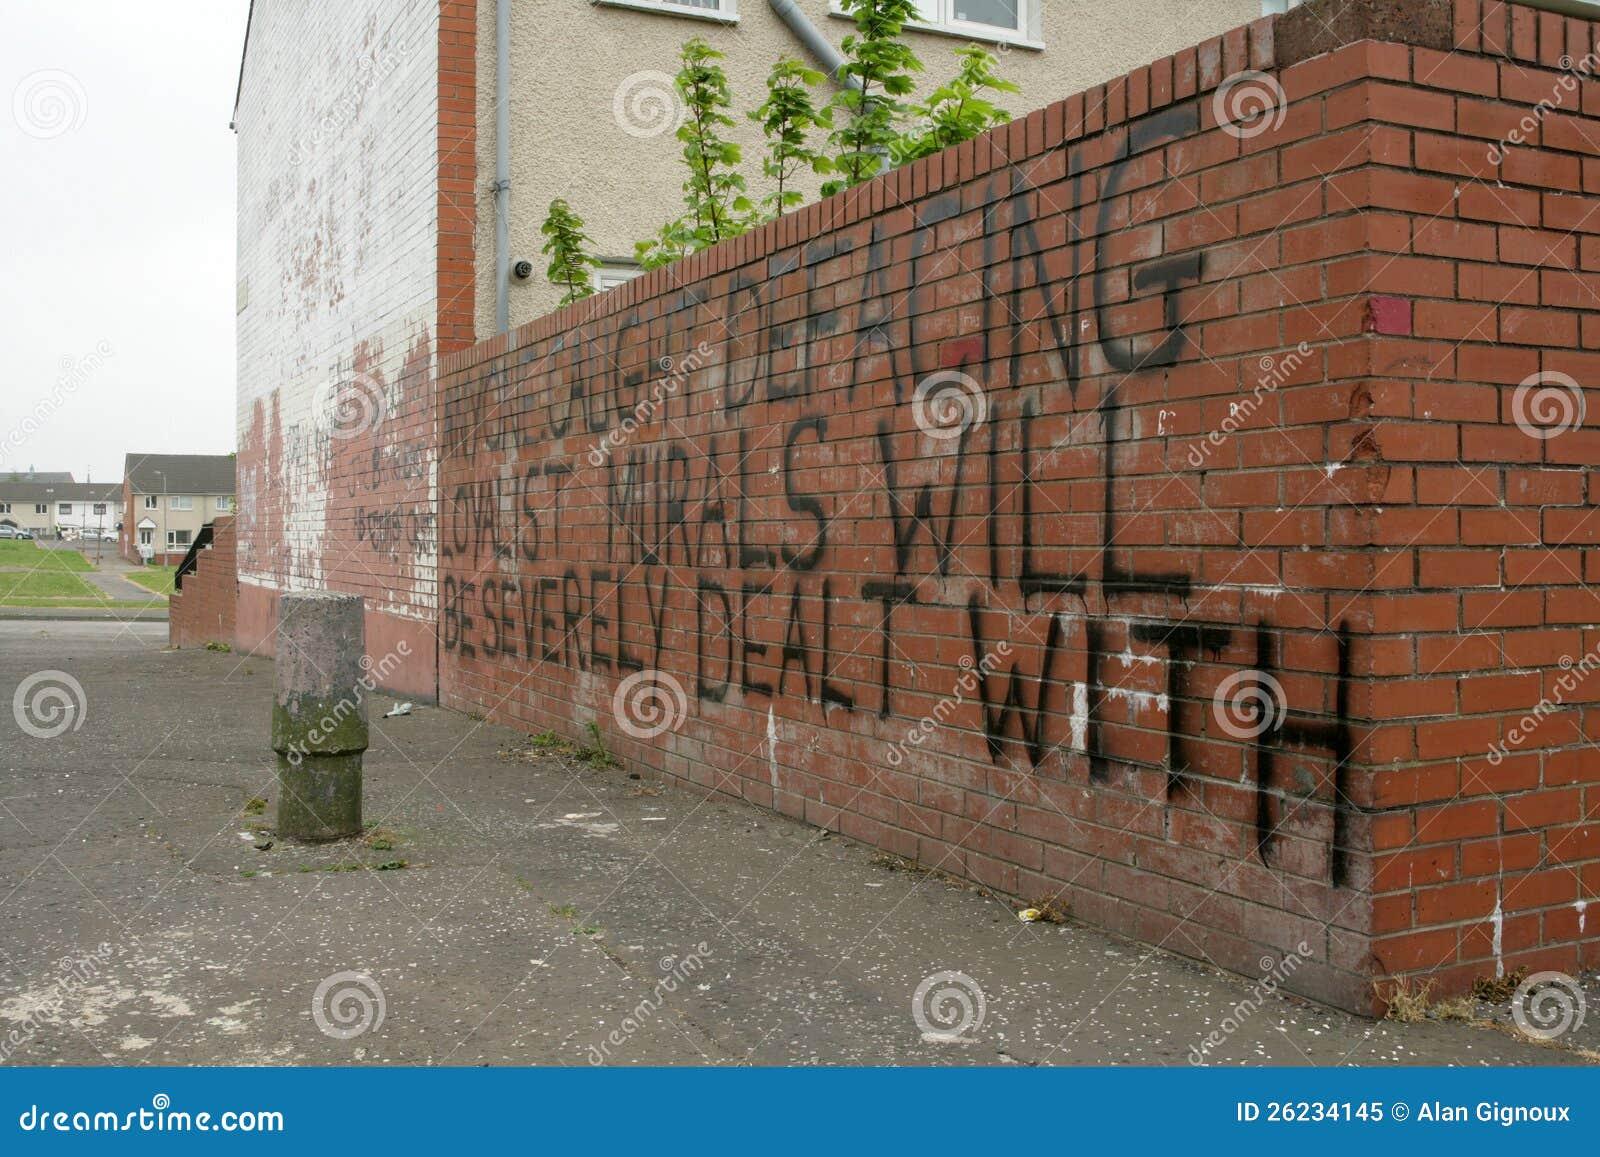 Het bericht van de regeringsgetrouwewaarschuwing op een bakstenen muur belfast redactionele - Kleden muur op ...